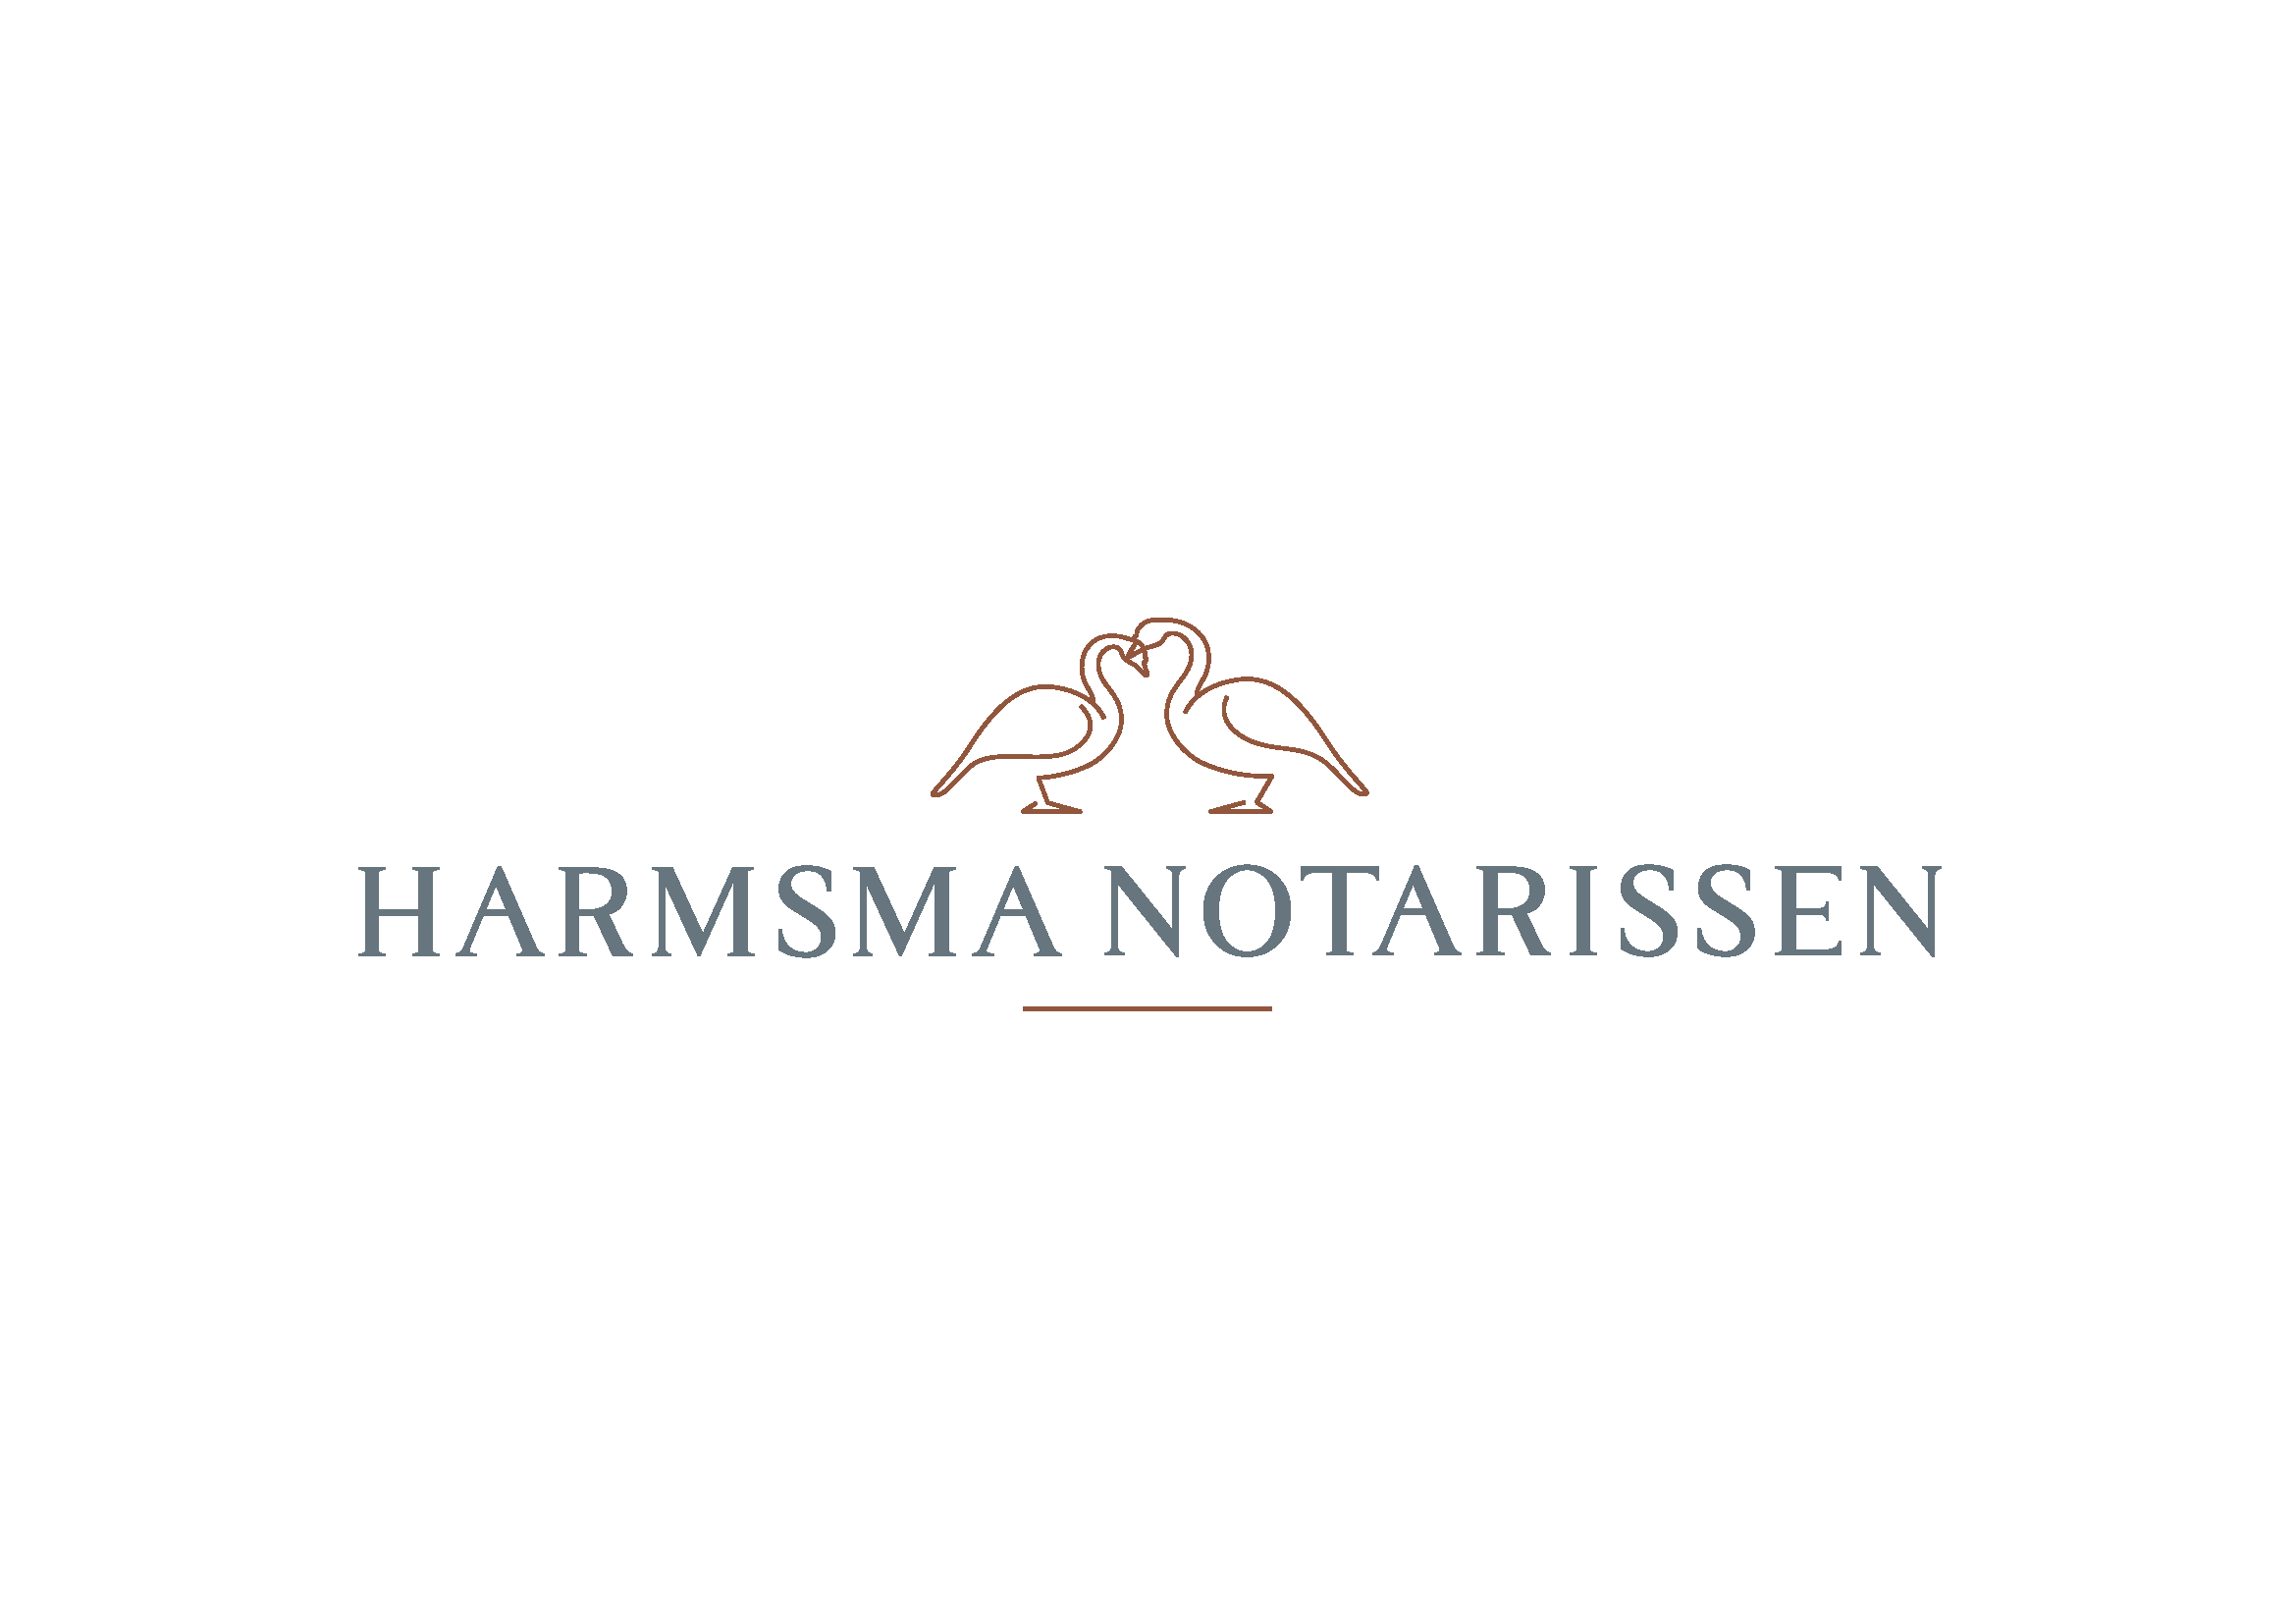 Harmsma Notarissen